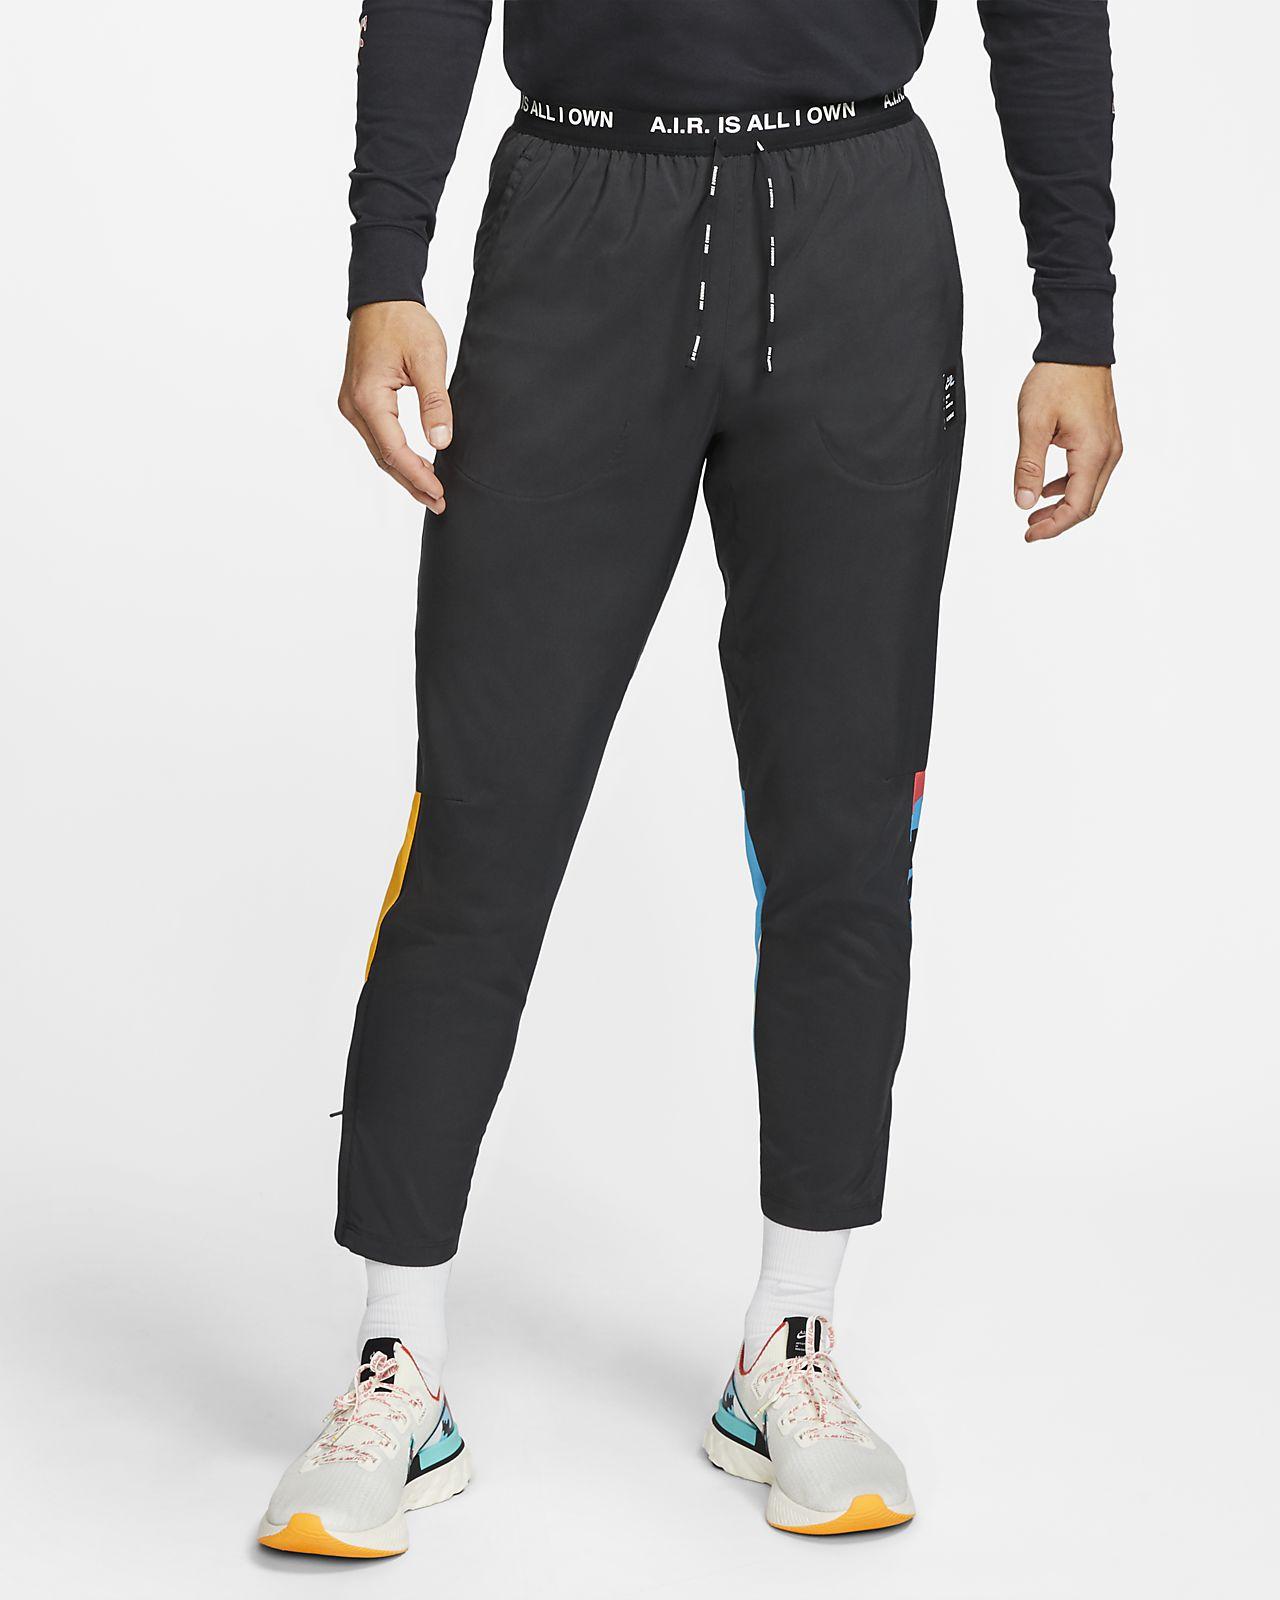 pantaloncini nike running uomo